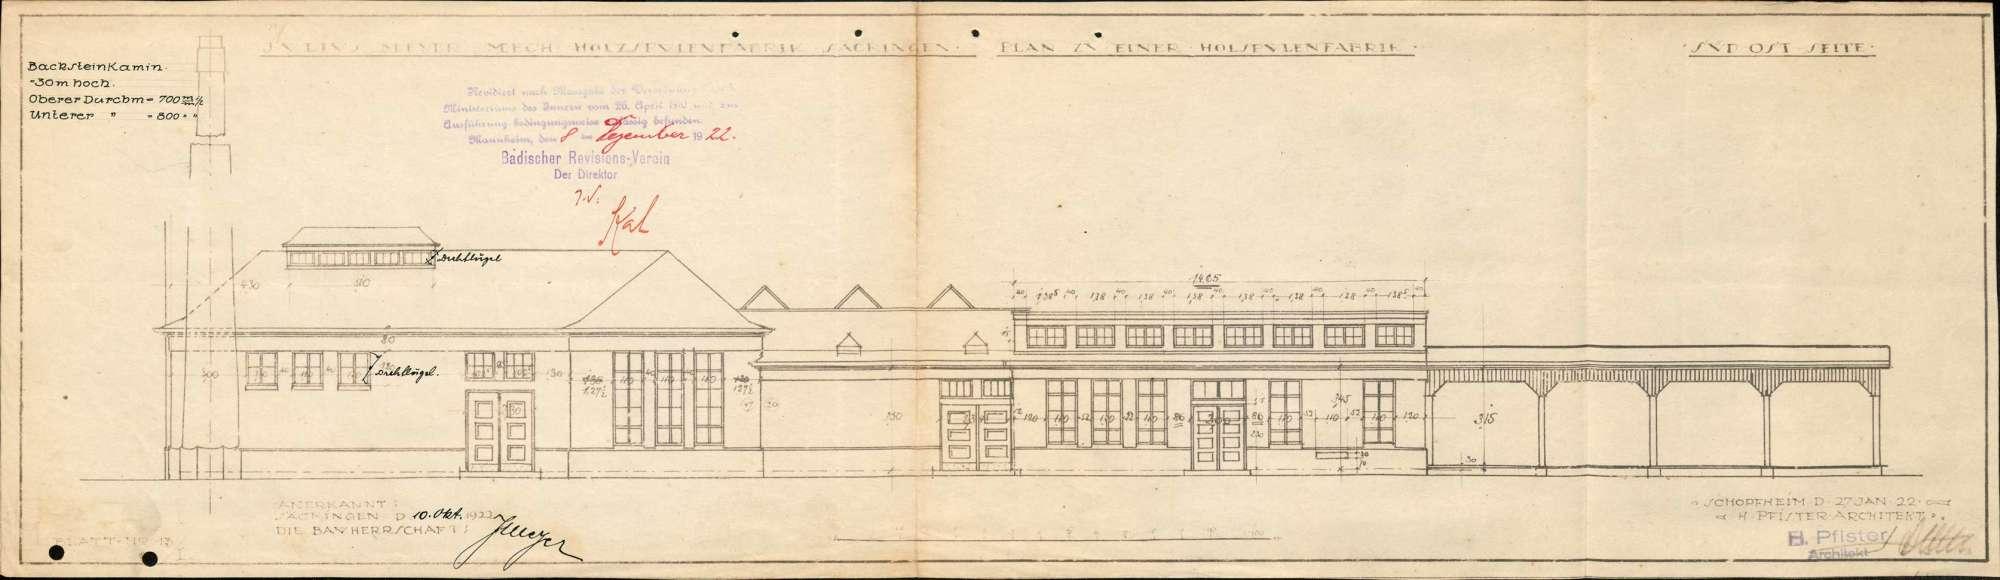 Dampfkessel der Firma Julius Meyer in Säckingen, Bild 3